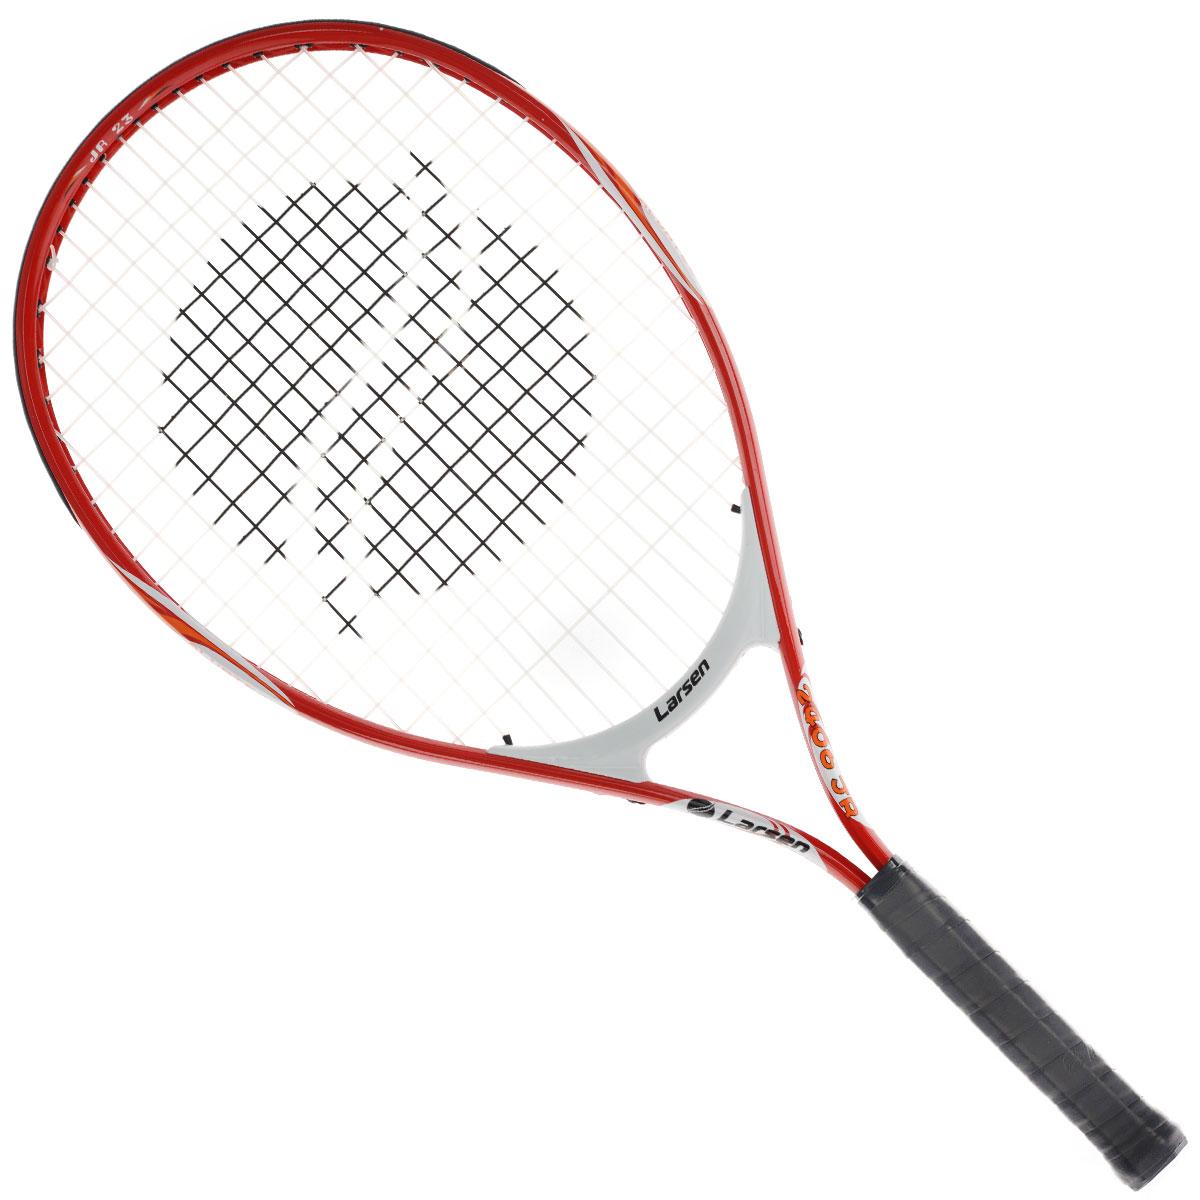 Ракетка для большого тенниса Larsen JR240652466Ракетка для большого тенниса Larsen JR2406 предназначена специально для начинающих игроков. Ручка ракетки отлично закрепляется в руке. Легкость материала обеспечивает быстрый размах ракеткой и хороший контроль мяча на поле. Игра с Larsen JR2406 доставит вам немало удовольствия. Характеристики: Материал: алюминий, графит. Вес: 235 г +/-5 г. Длина: 23. Баланс: 260 мм +/-7,5 мм. Рекомендуемое натяжение: 45-50 lbs/20-22 кг. Размер упаковки: 66 см х 28 см х 3 см.